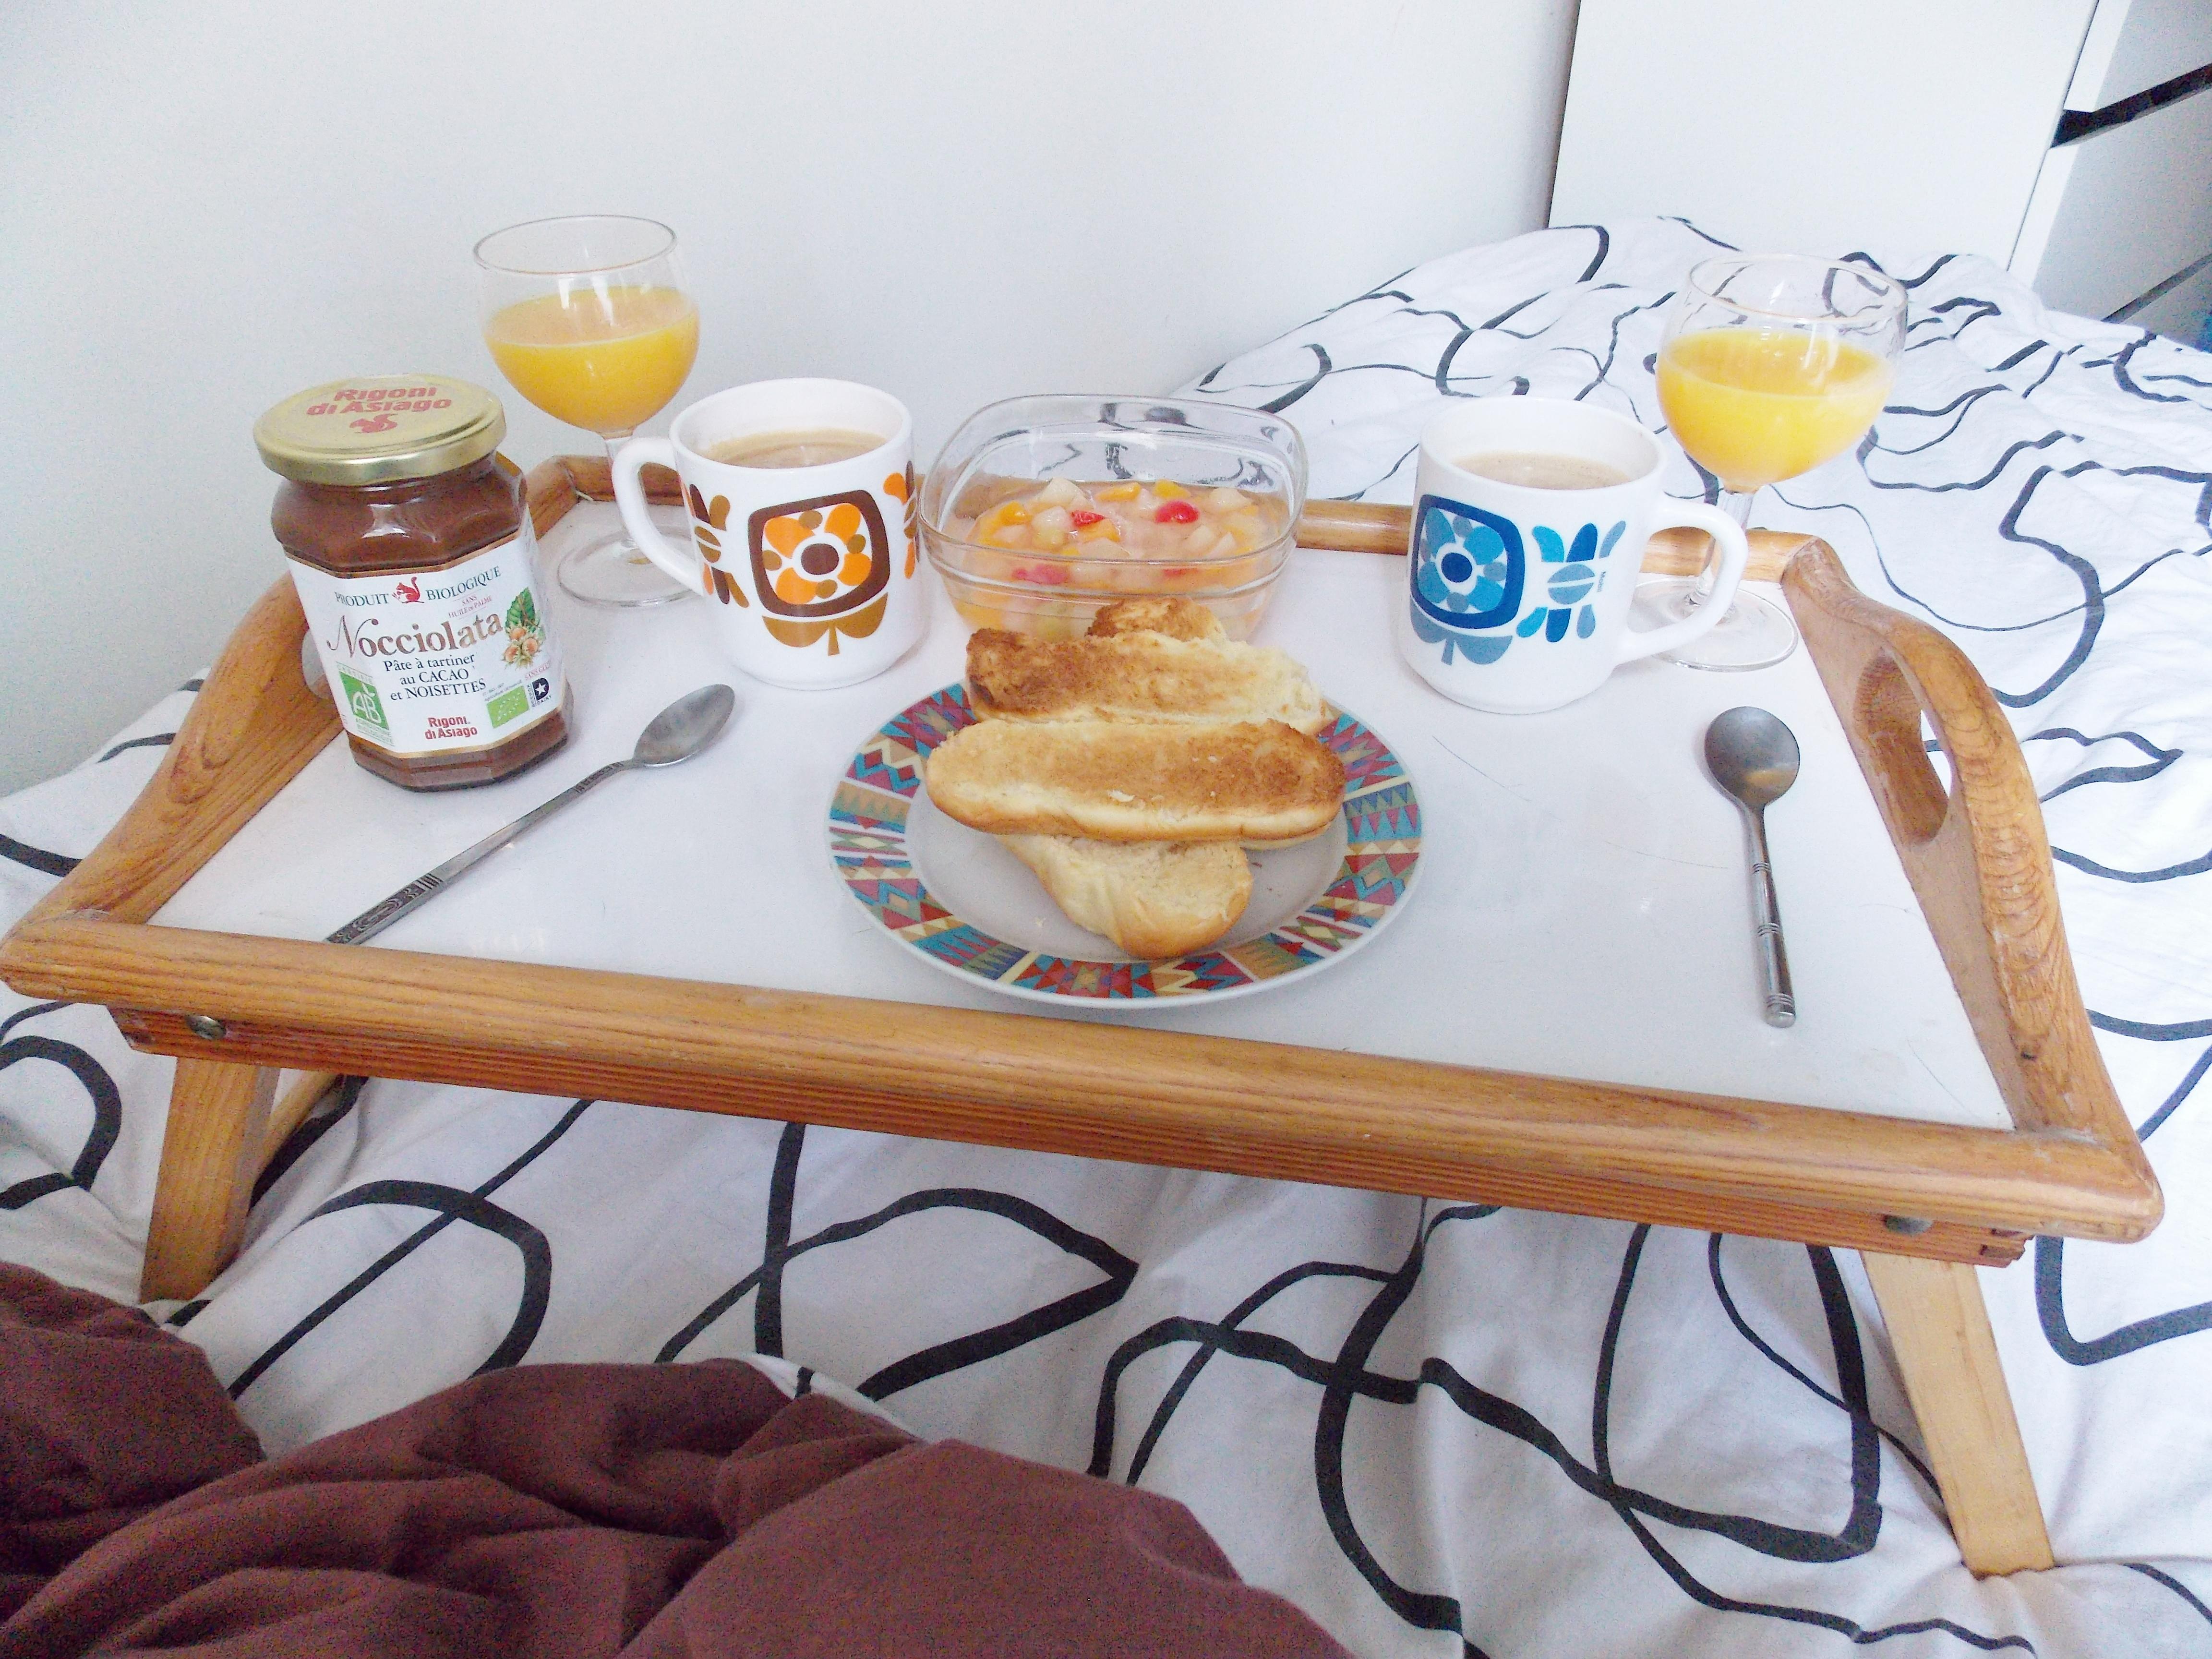 zpdj2 Petit déjeuner lebeautemps